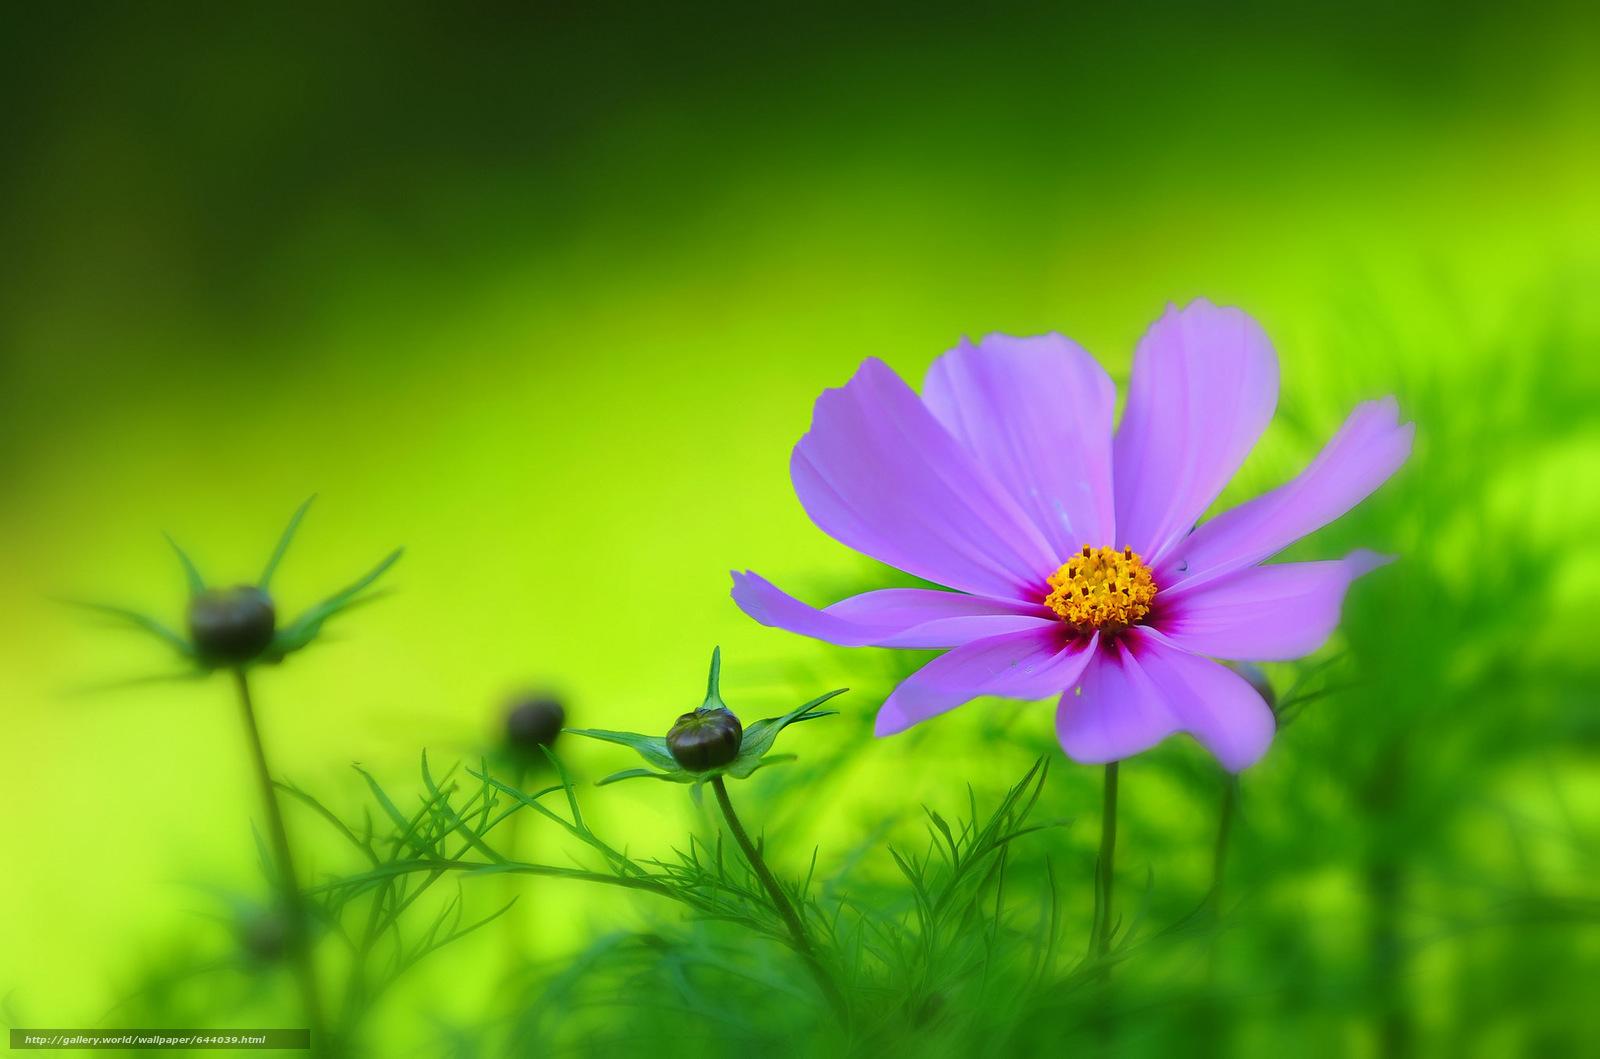 Tlcharger Fond d'ecran Fleurs,  fleur,  kosmeya,  cosmos Fonds d'ecran gratuits pour votre rsolution du bureau 2048x1356 — image №644039